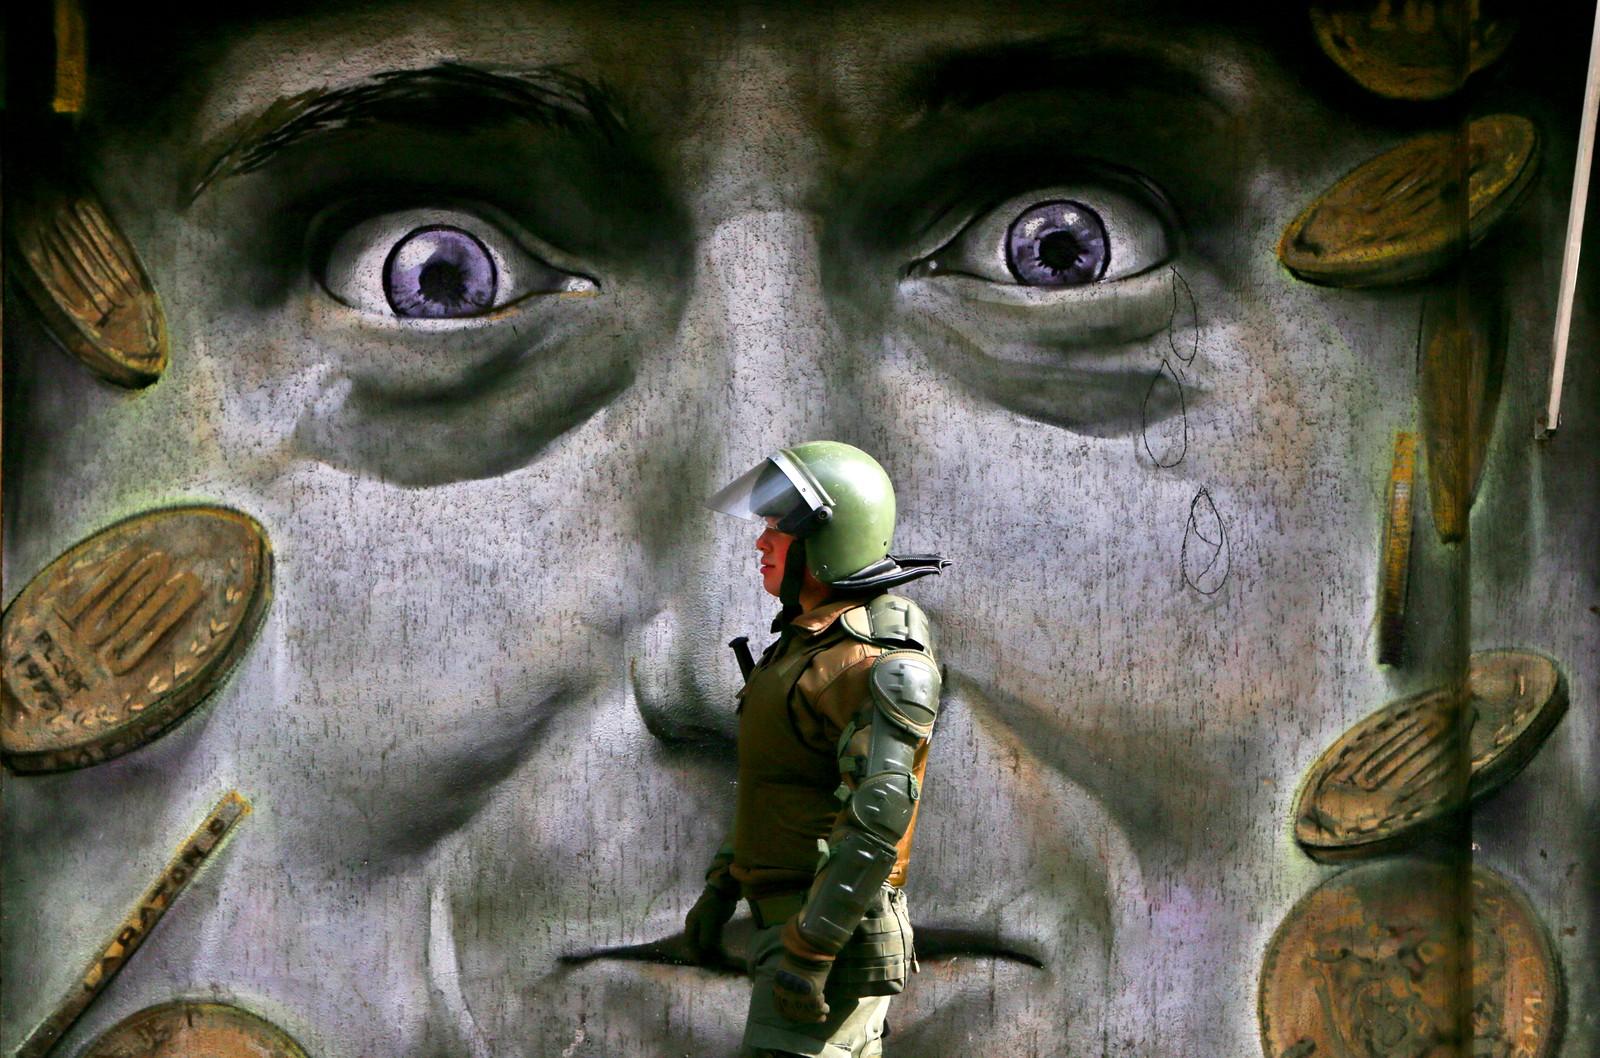 En politimann går forbi et veggmaleri under en demonstrasjon i Santiago i Chile. Mennesker var samlet for å demonstrere mot det de mener er dårlige pensjonsrettigheter.